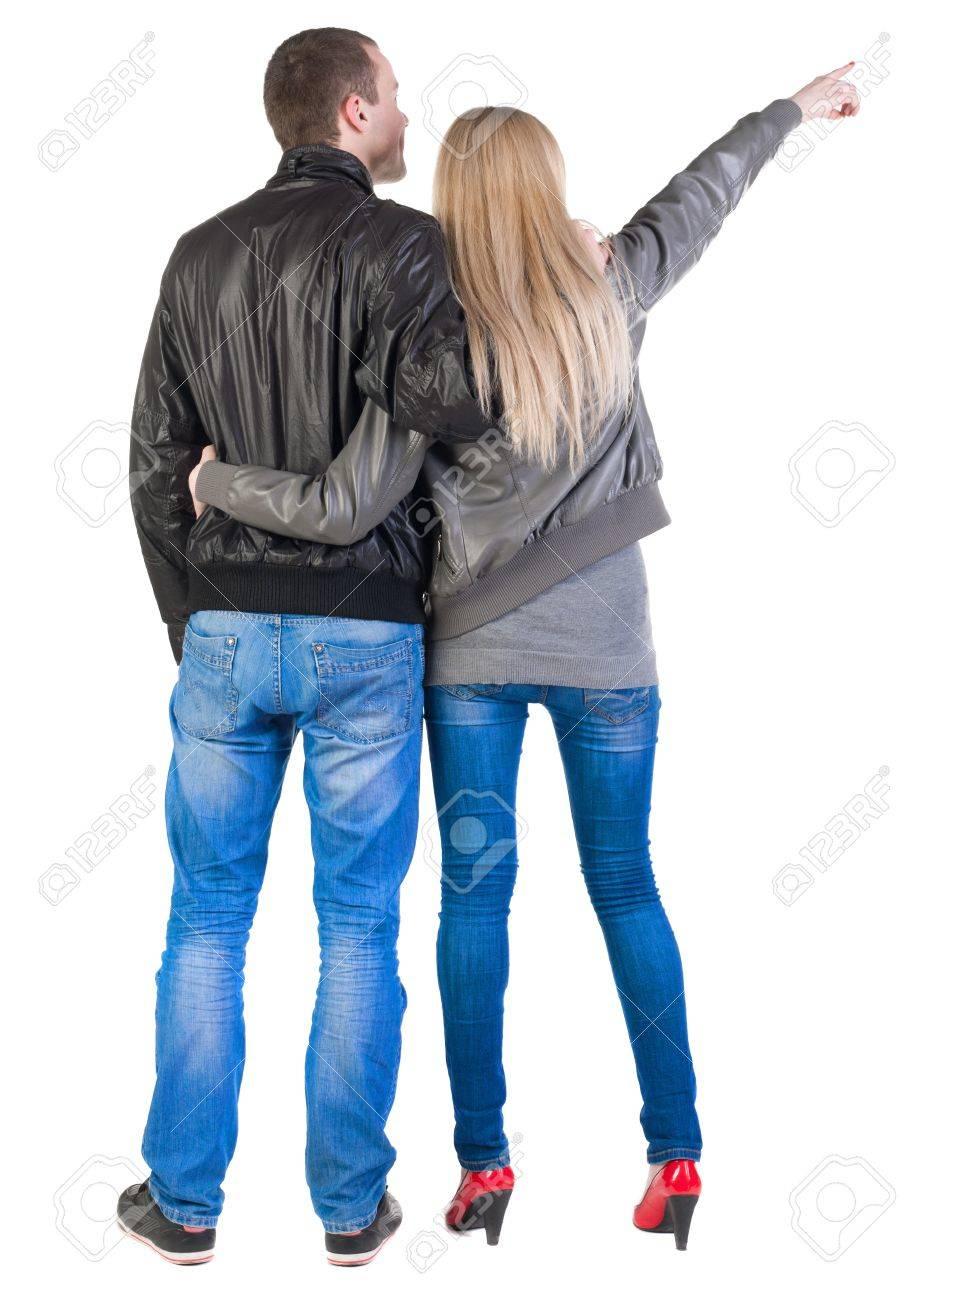 Фото девушек сзади с мужчиной 15 фотография